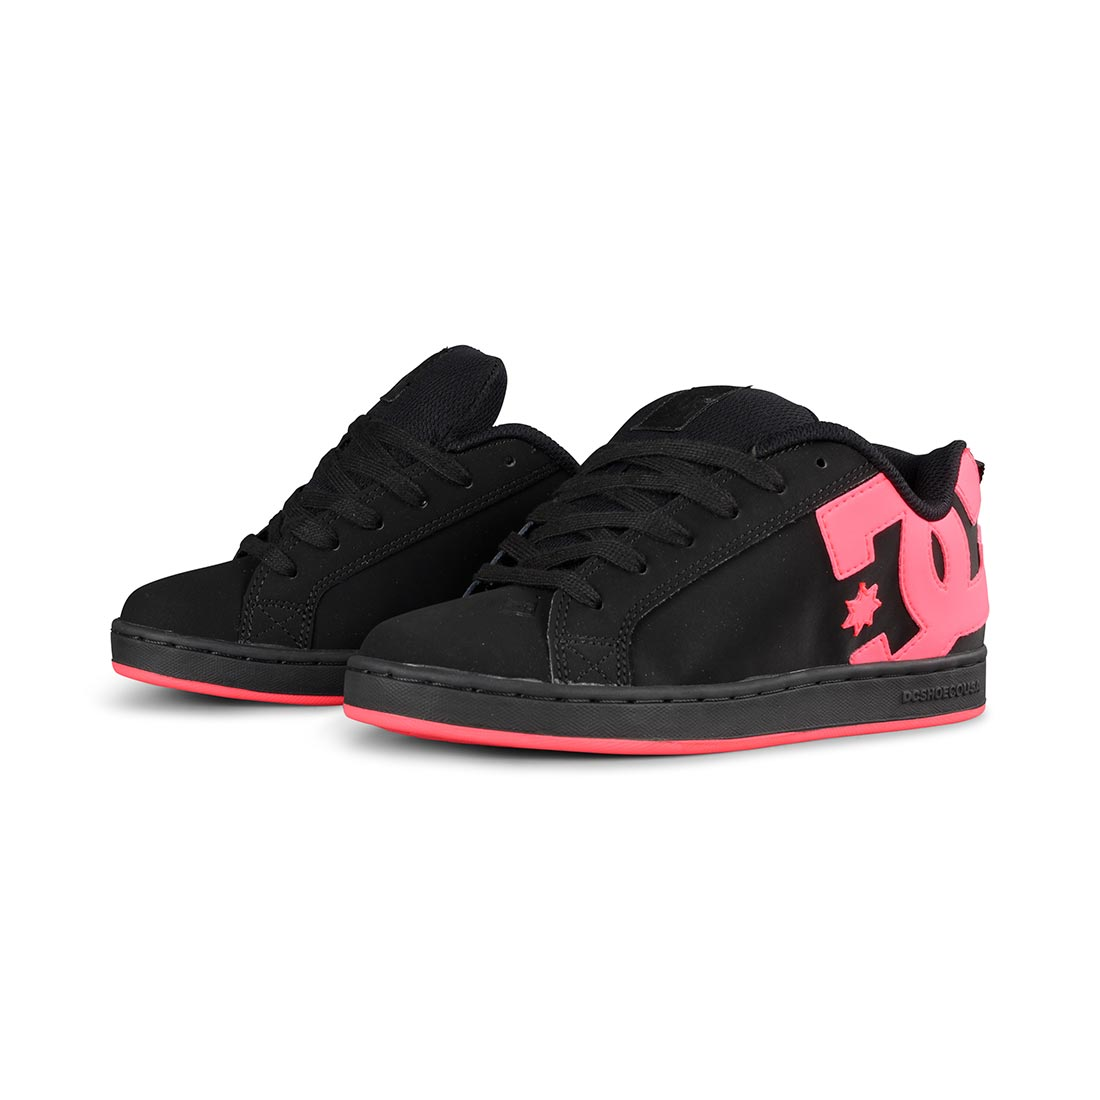 DC Shoes Women's Court Graffik - Black